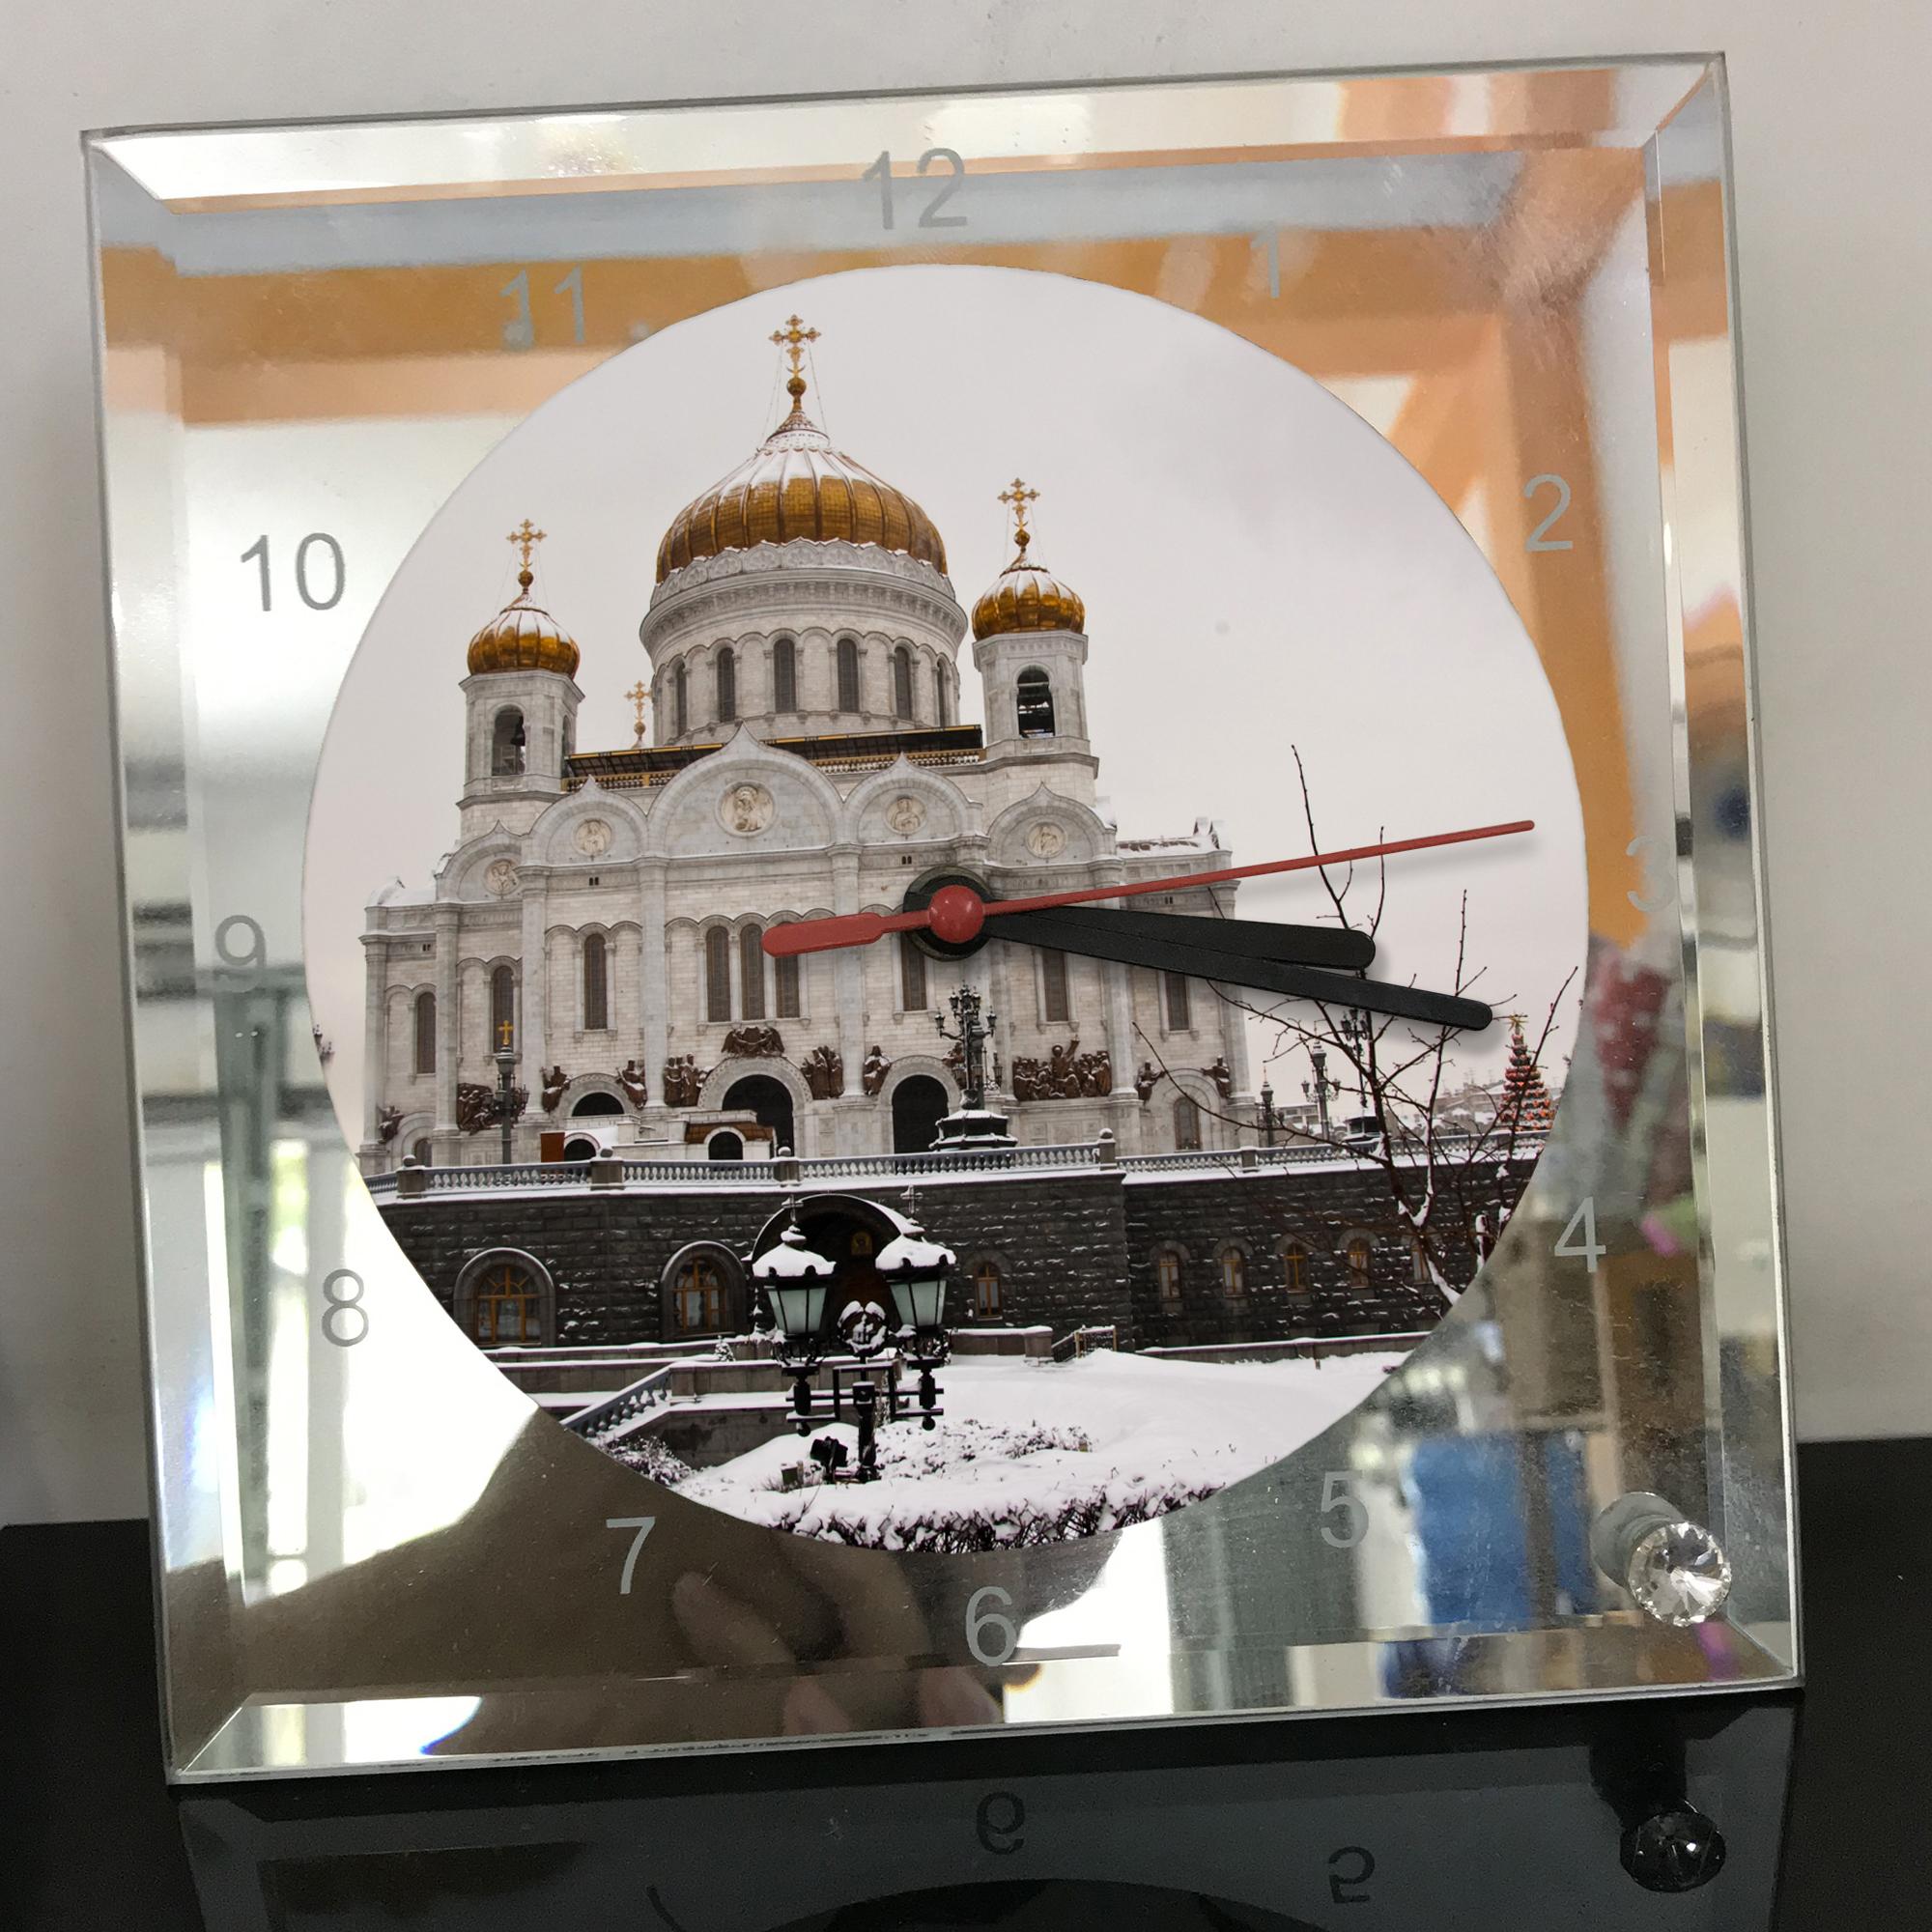 Đồng hồ thủy tinh vuông 20x20 in hình Cathedral Of Christ the saviour (23) . Đồng hồ thủy tinh để bàn trang trí đẹp chủ đề tôn giáo